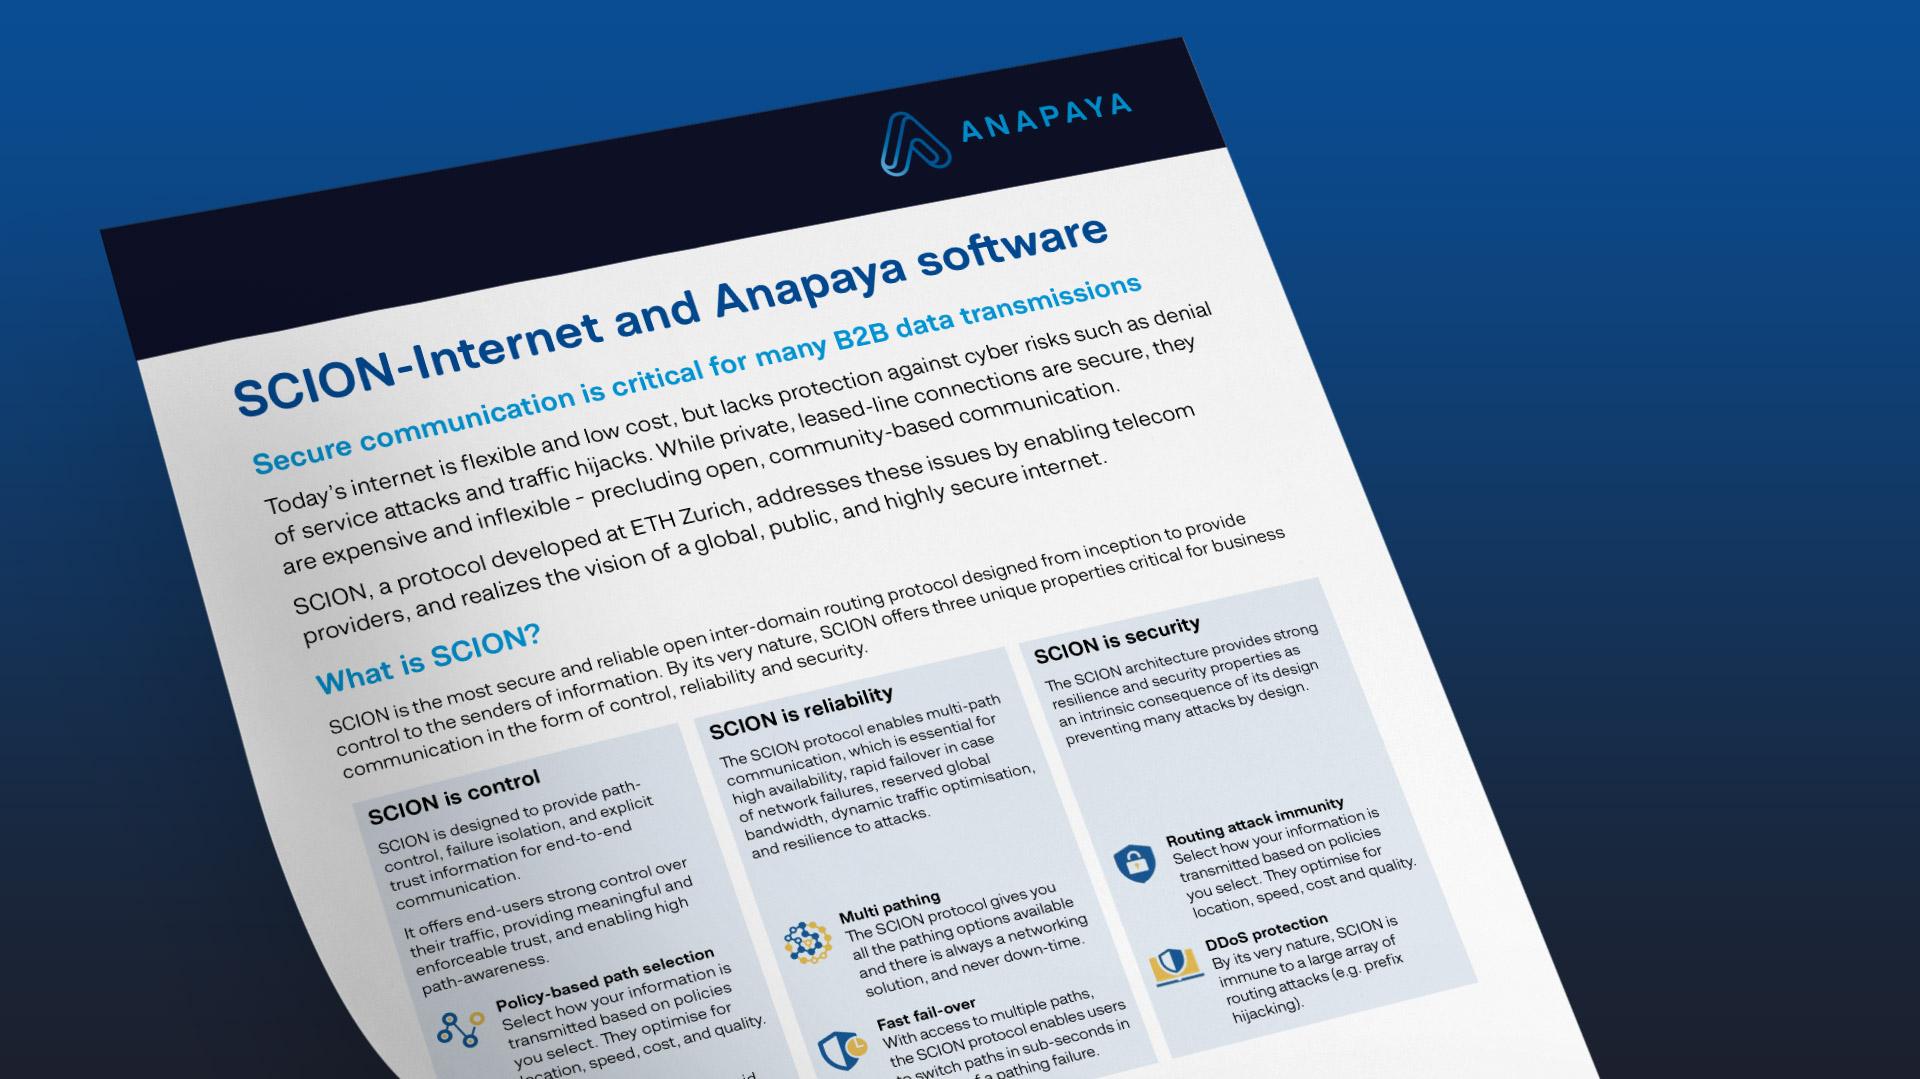 banner-callout-scion-internet-and-anapaya-software